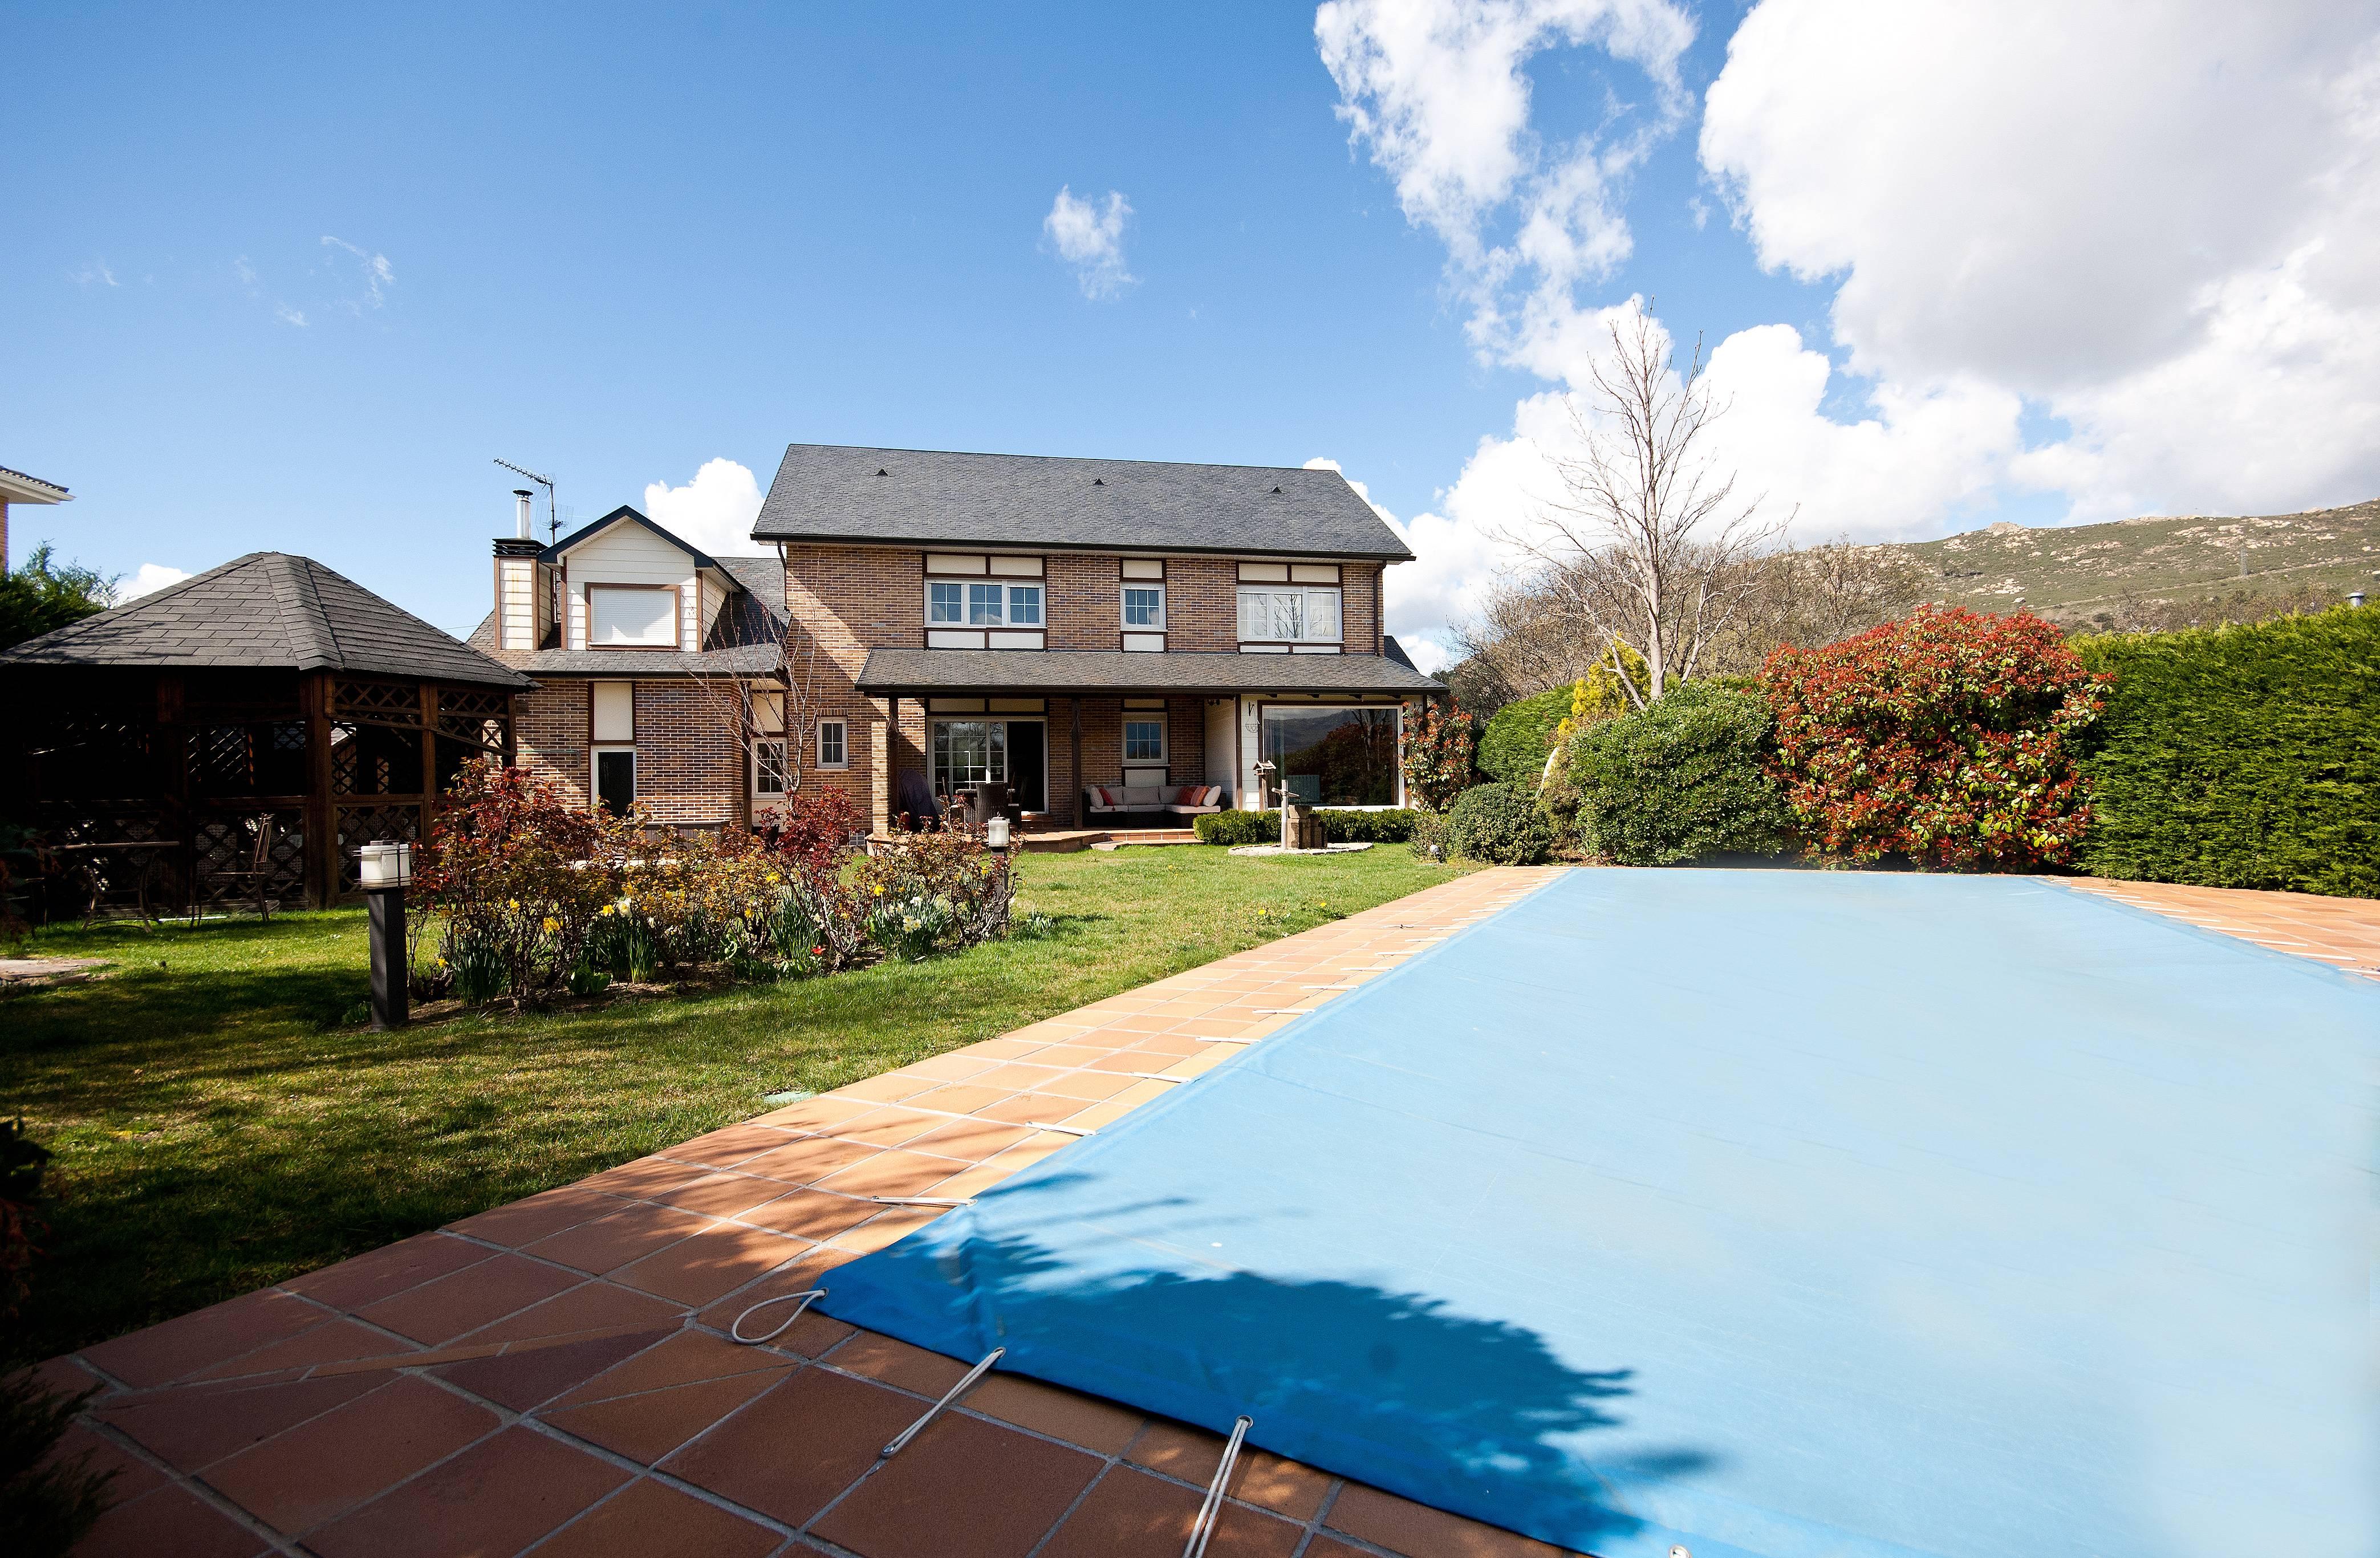 Ascot house magnifica mansi n con piscina y barbacoa en for Piscinas en la sierra de madrid